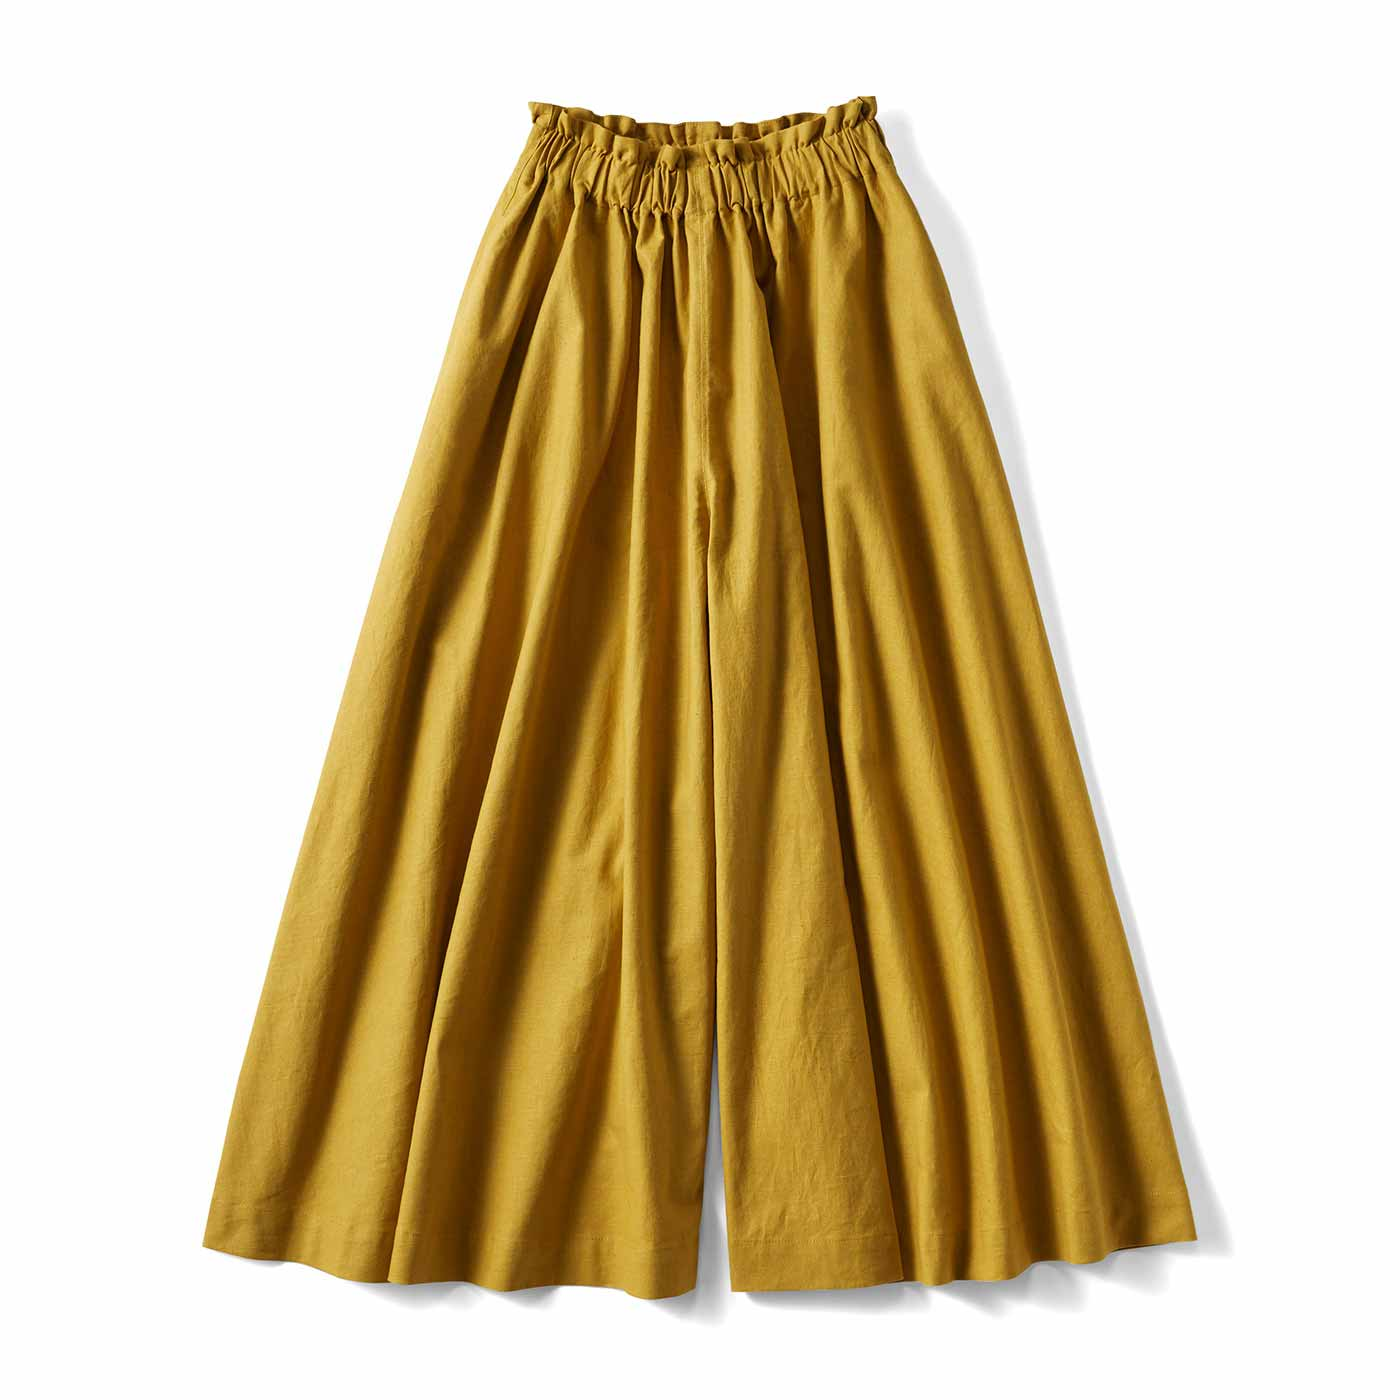 スカートみたいなガウチョパンツ〈マスタード〉